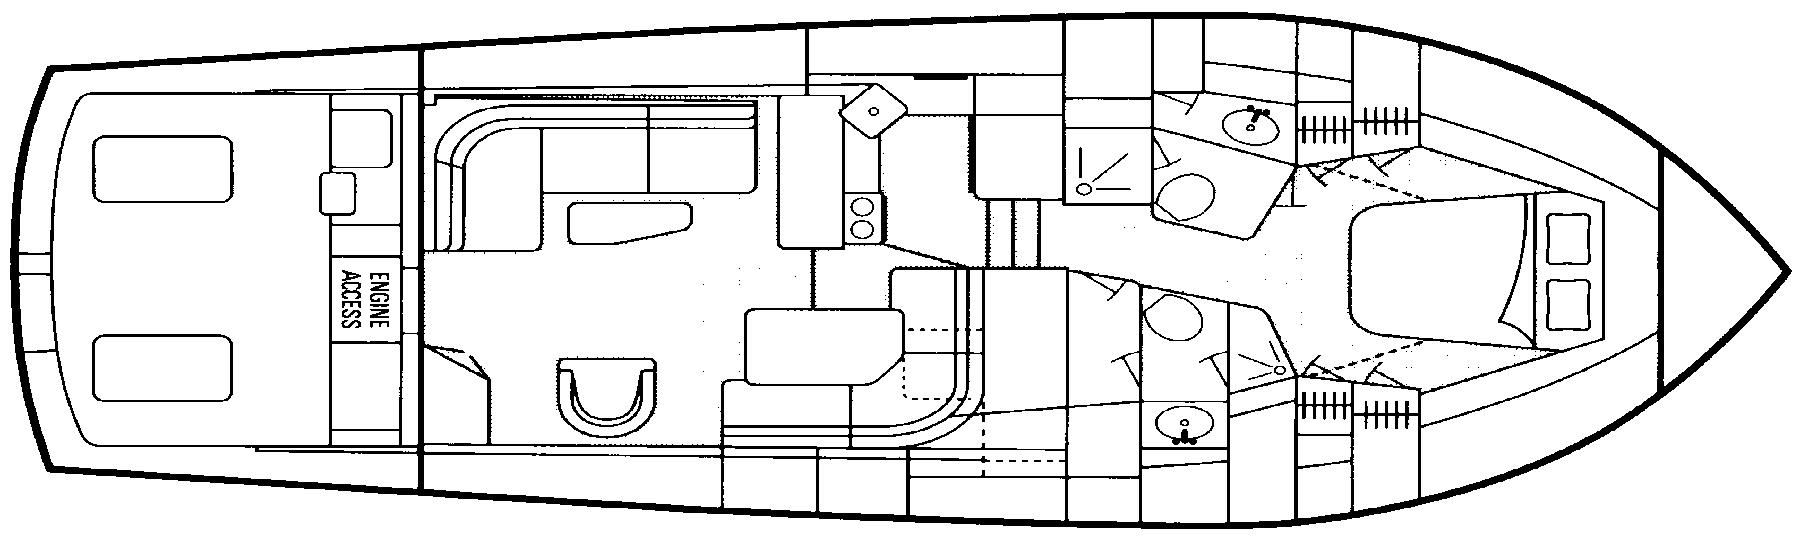 47 Sport Fisherman Floor Plan 2